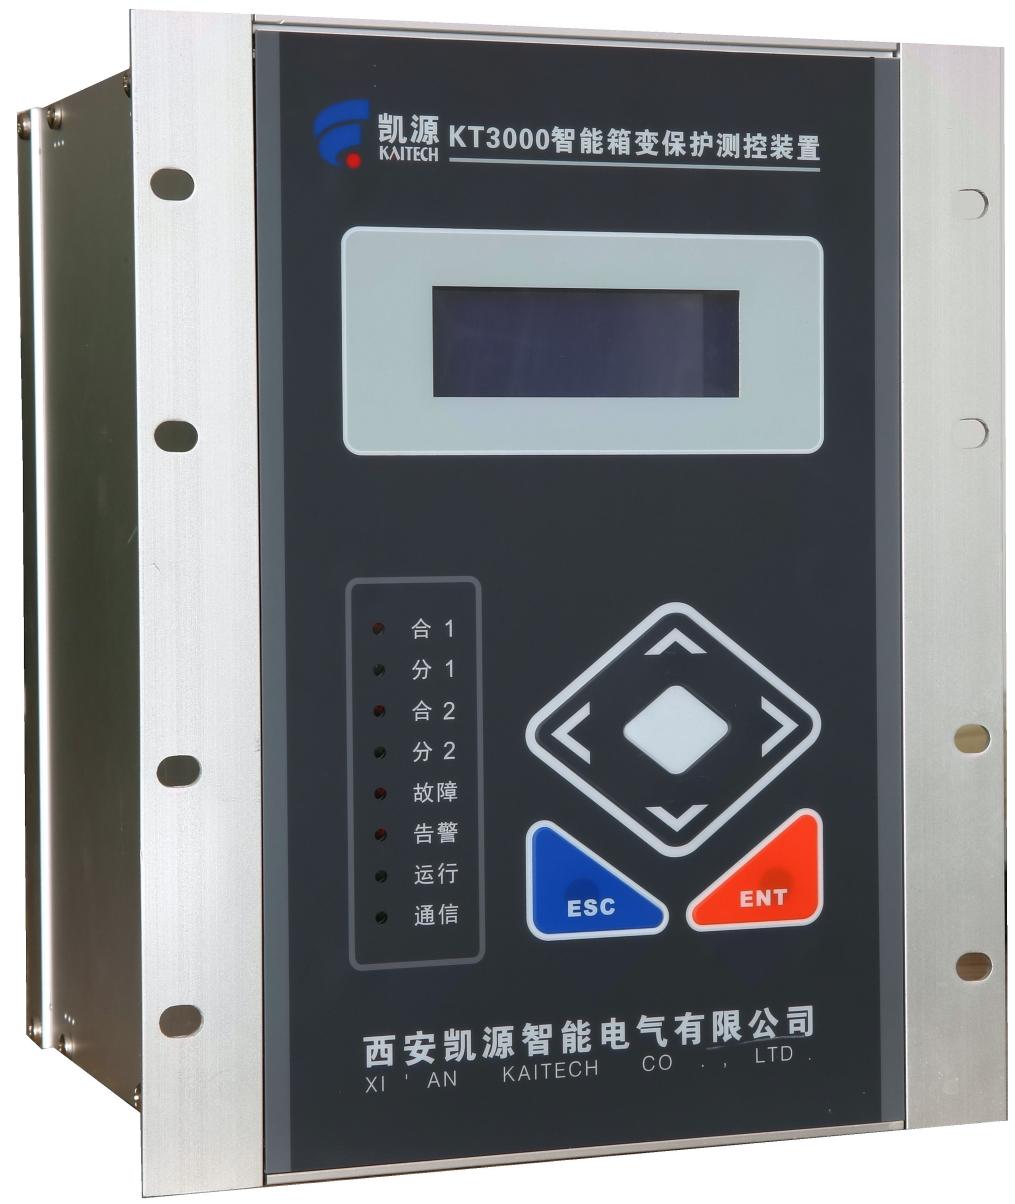 KT3320K風電箱變測控裝置